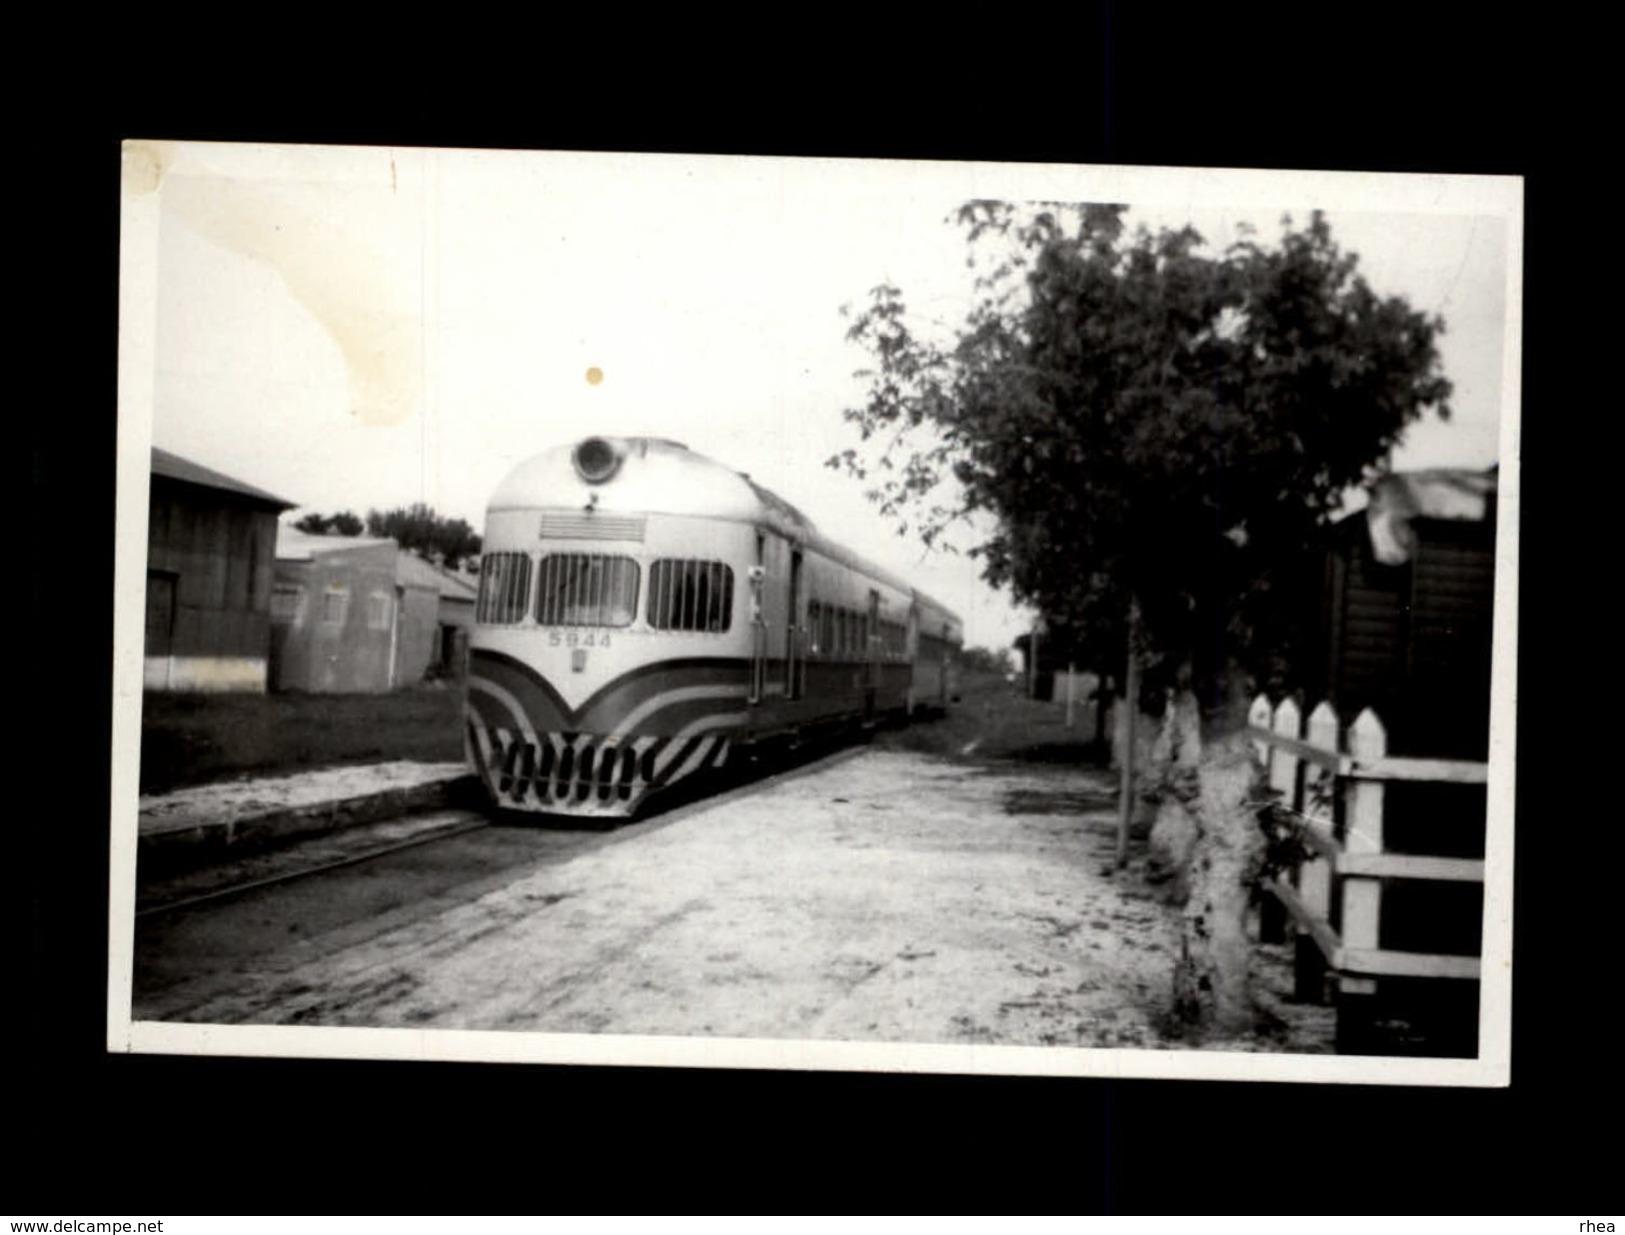 TRAINS - ARGENTINE - Locomotive - Trains